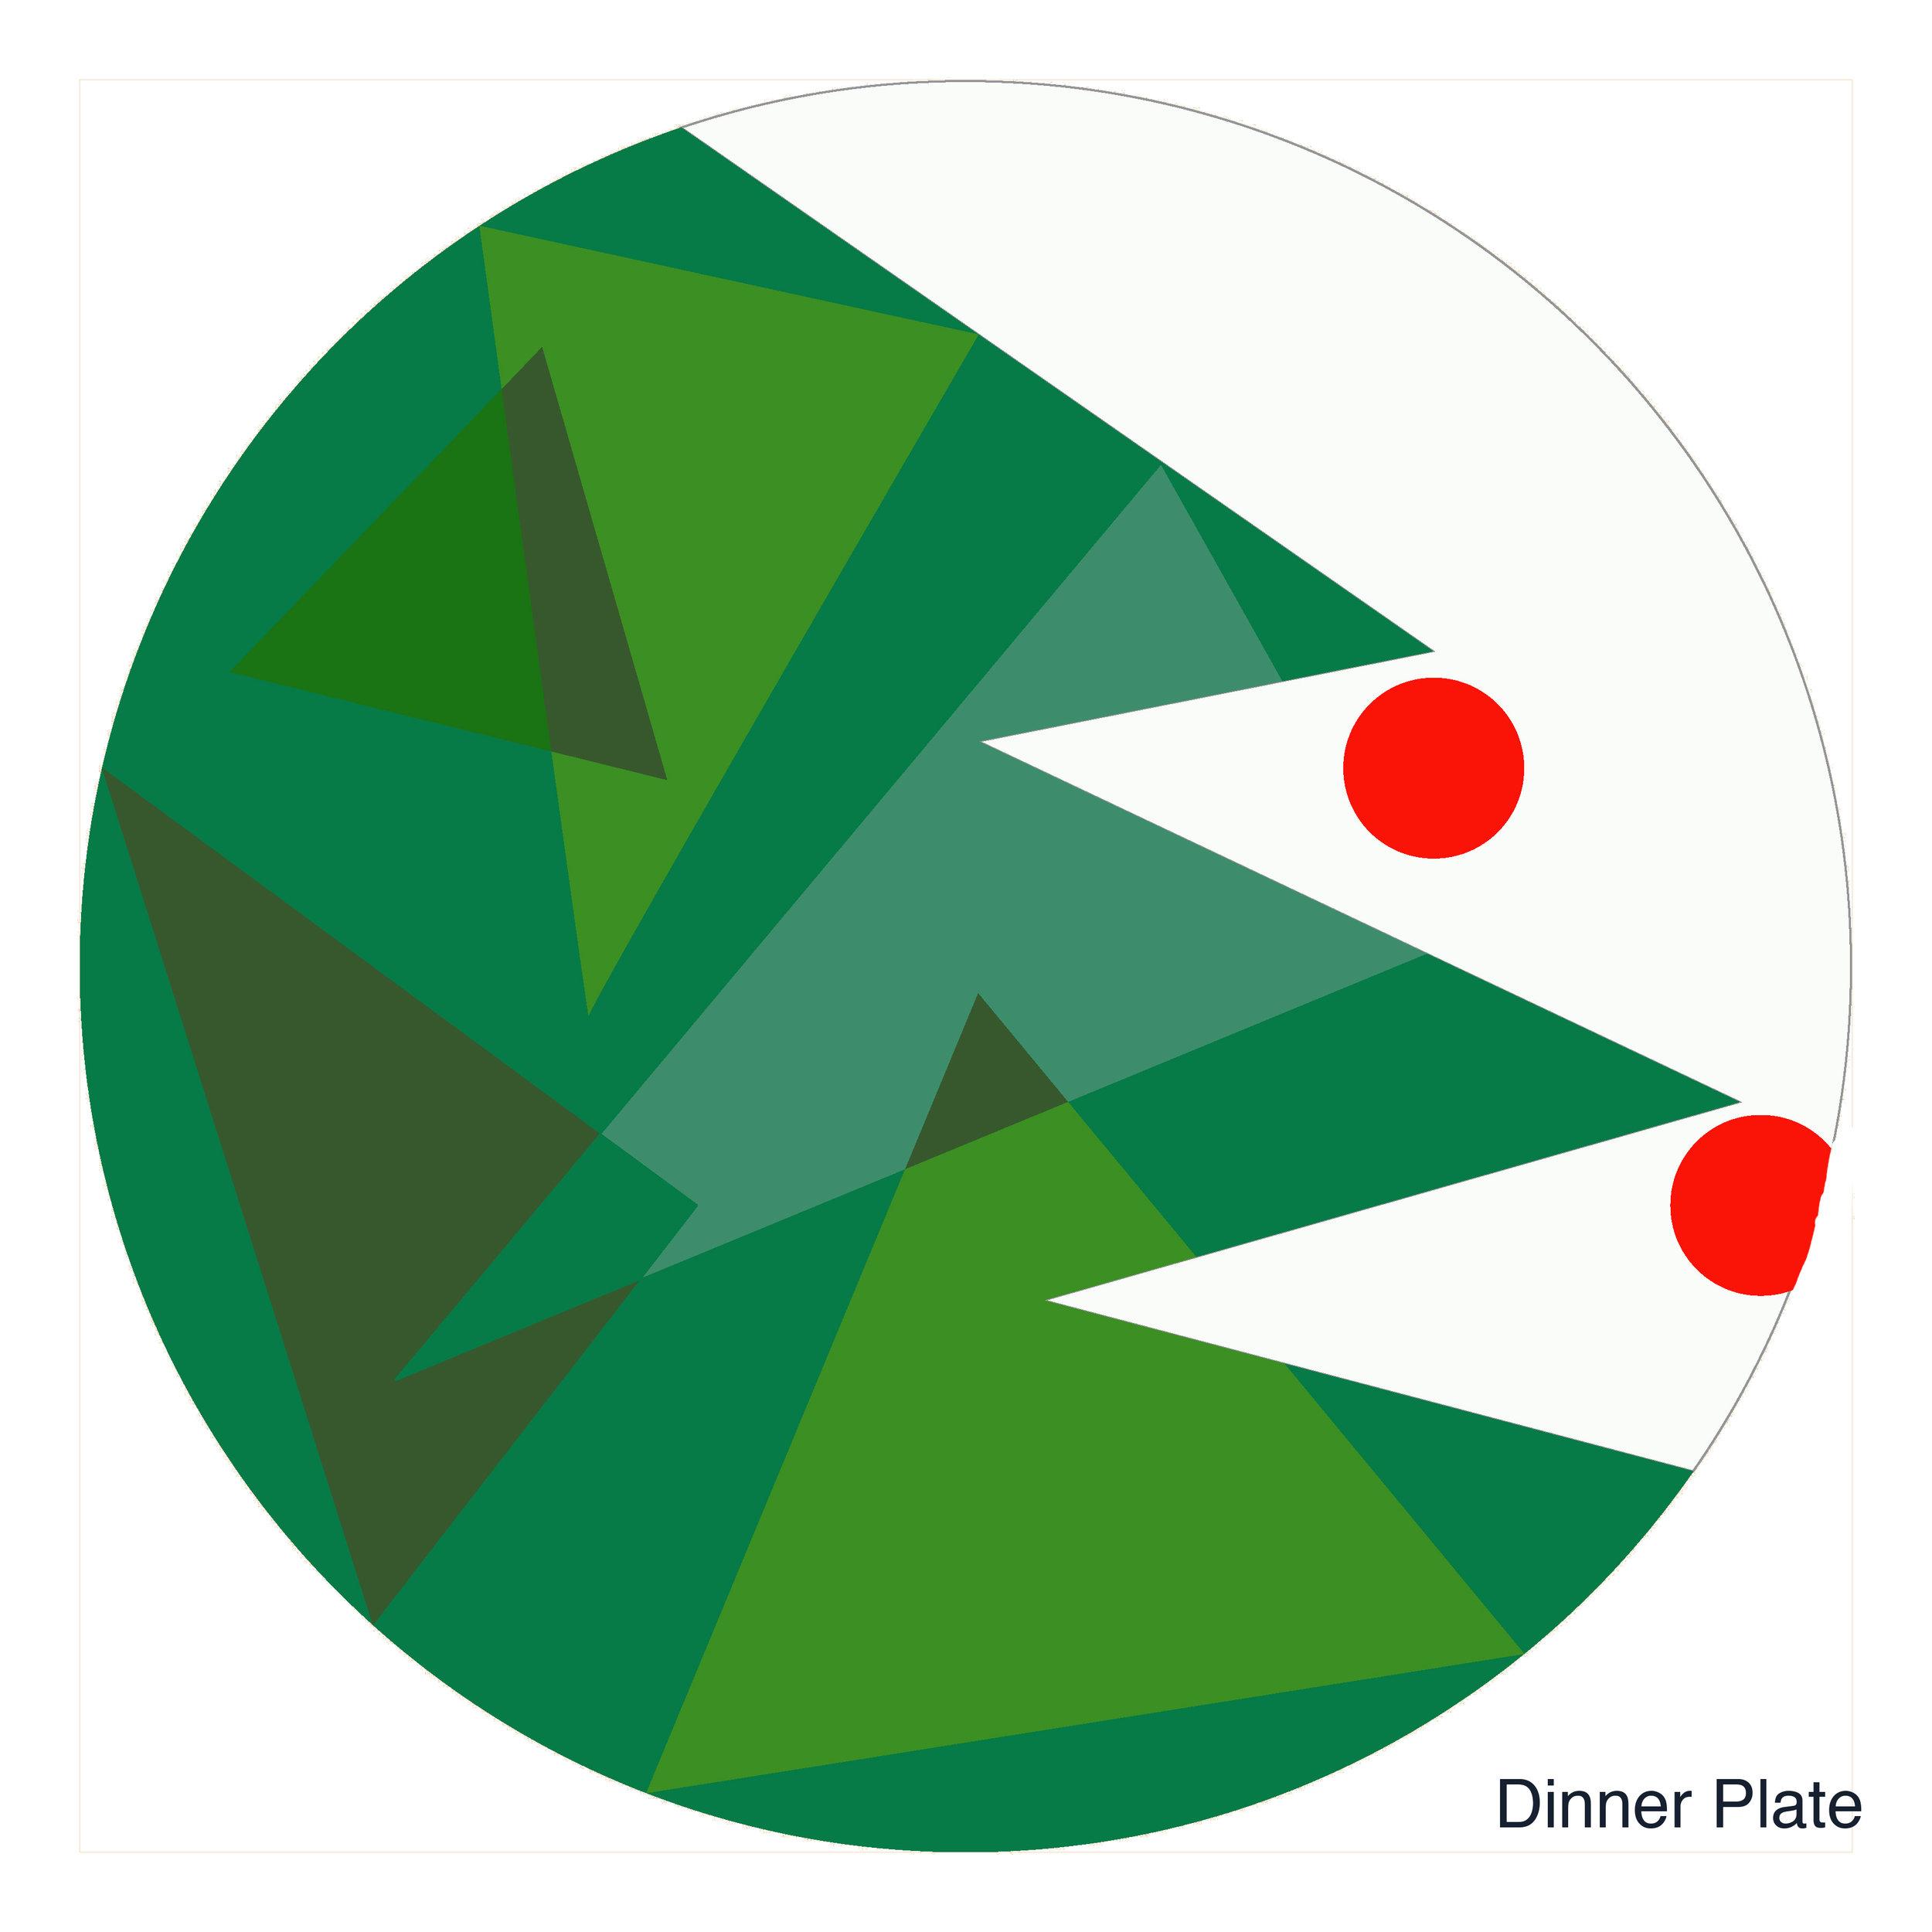 Christmas dinner plate.jpg